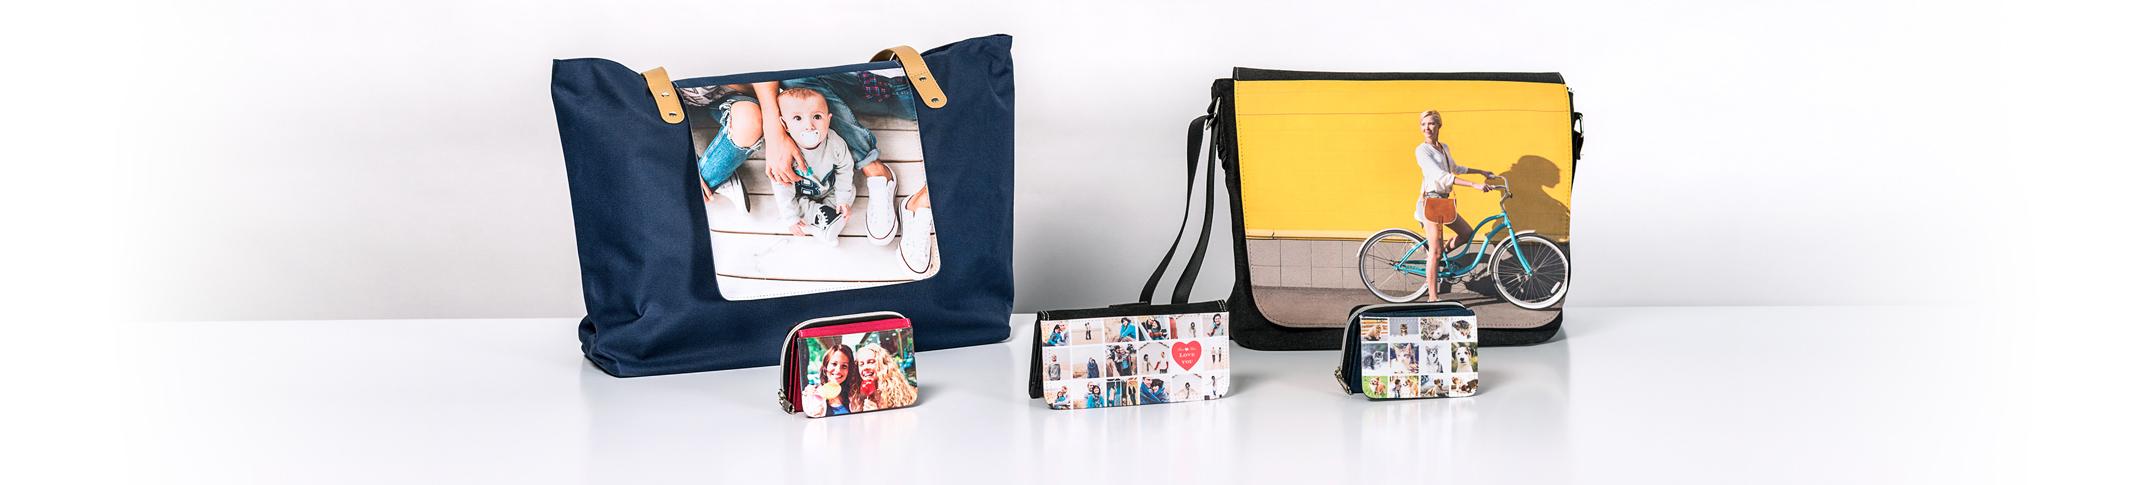 Väskor och Plånböcker med eget motiv Image